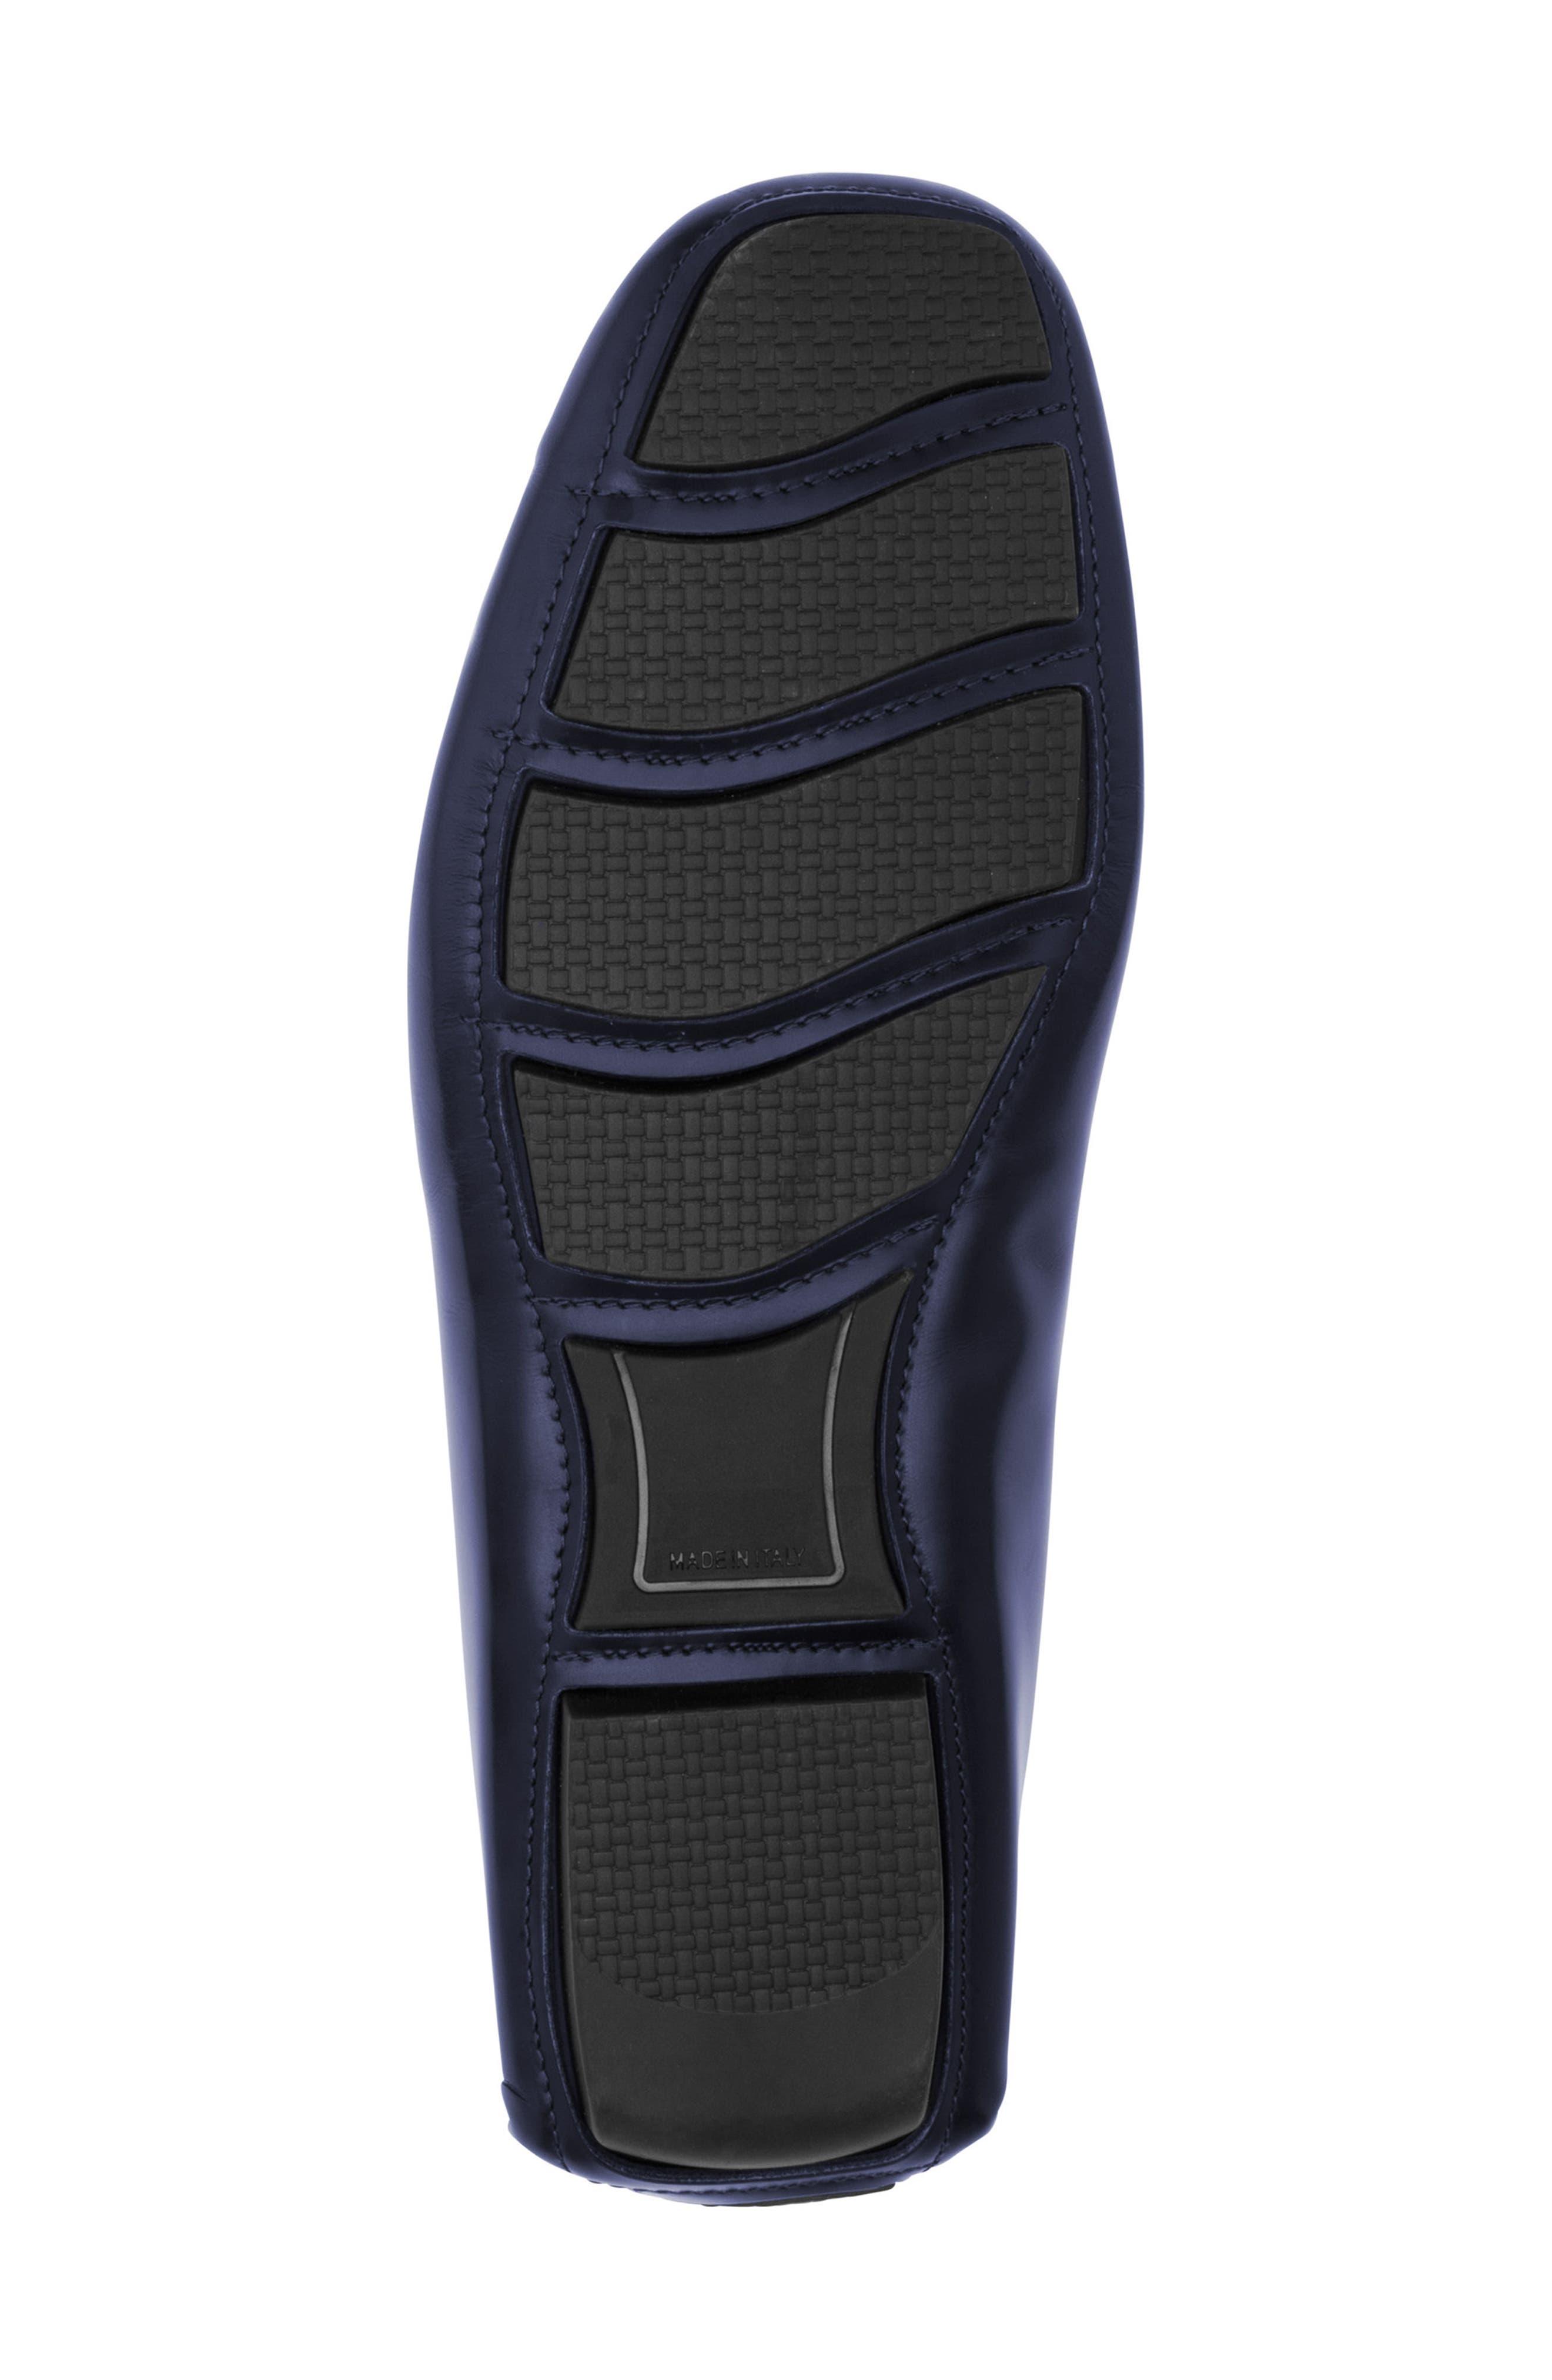 St. Tropez Driving Shoe,                             Alternate thumbnail 6, color,                             Blue Leather